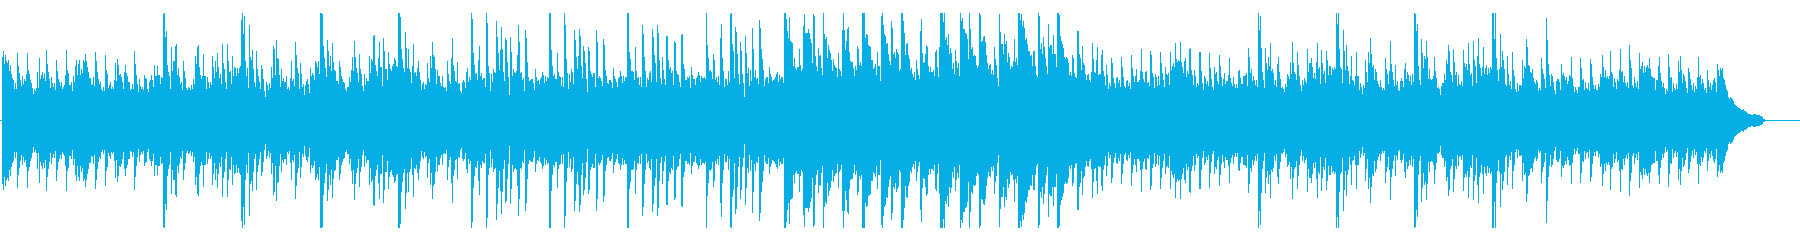 静かに新しいことが始まる予感/ピアノソロの再生済みの波形